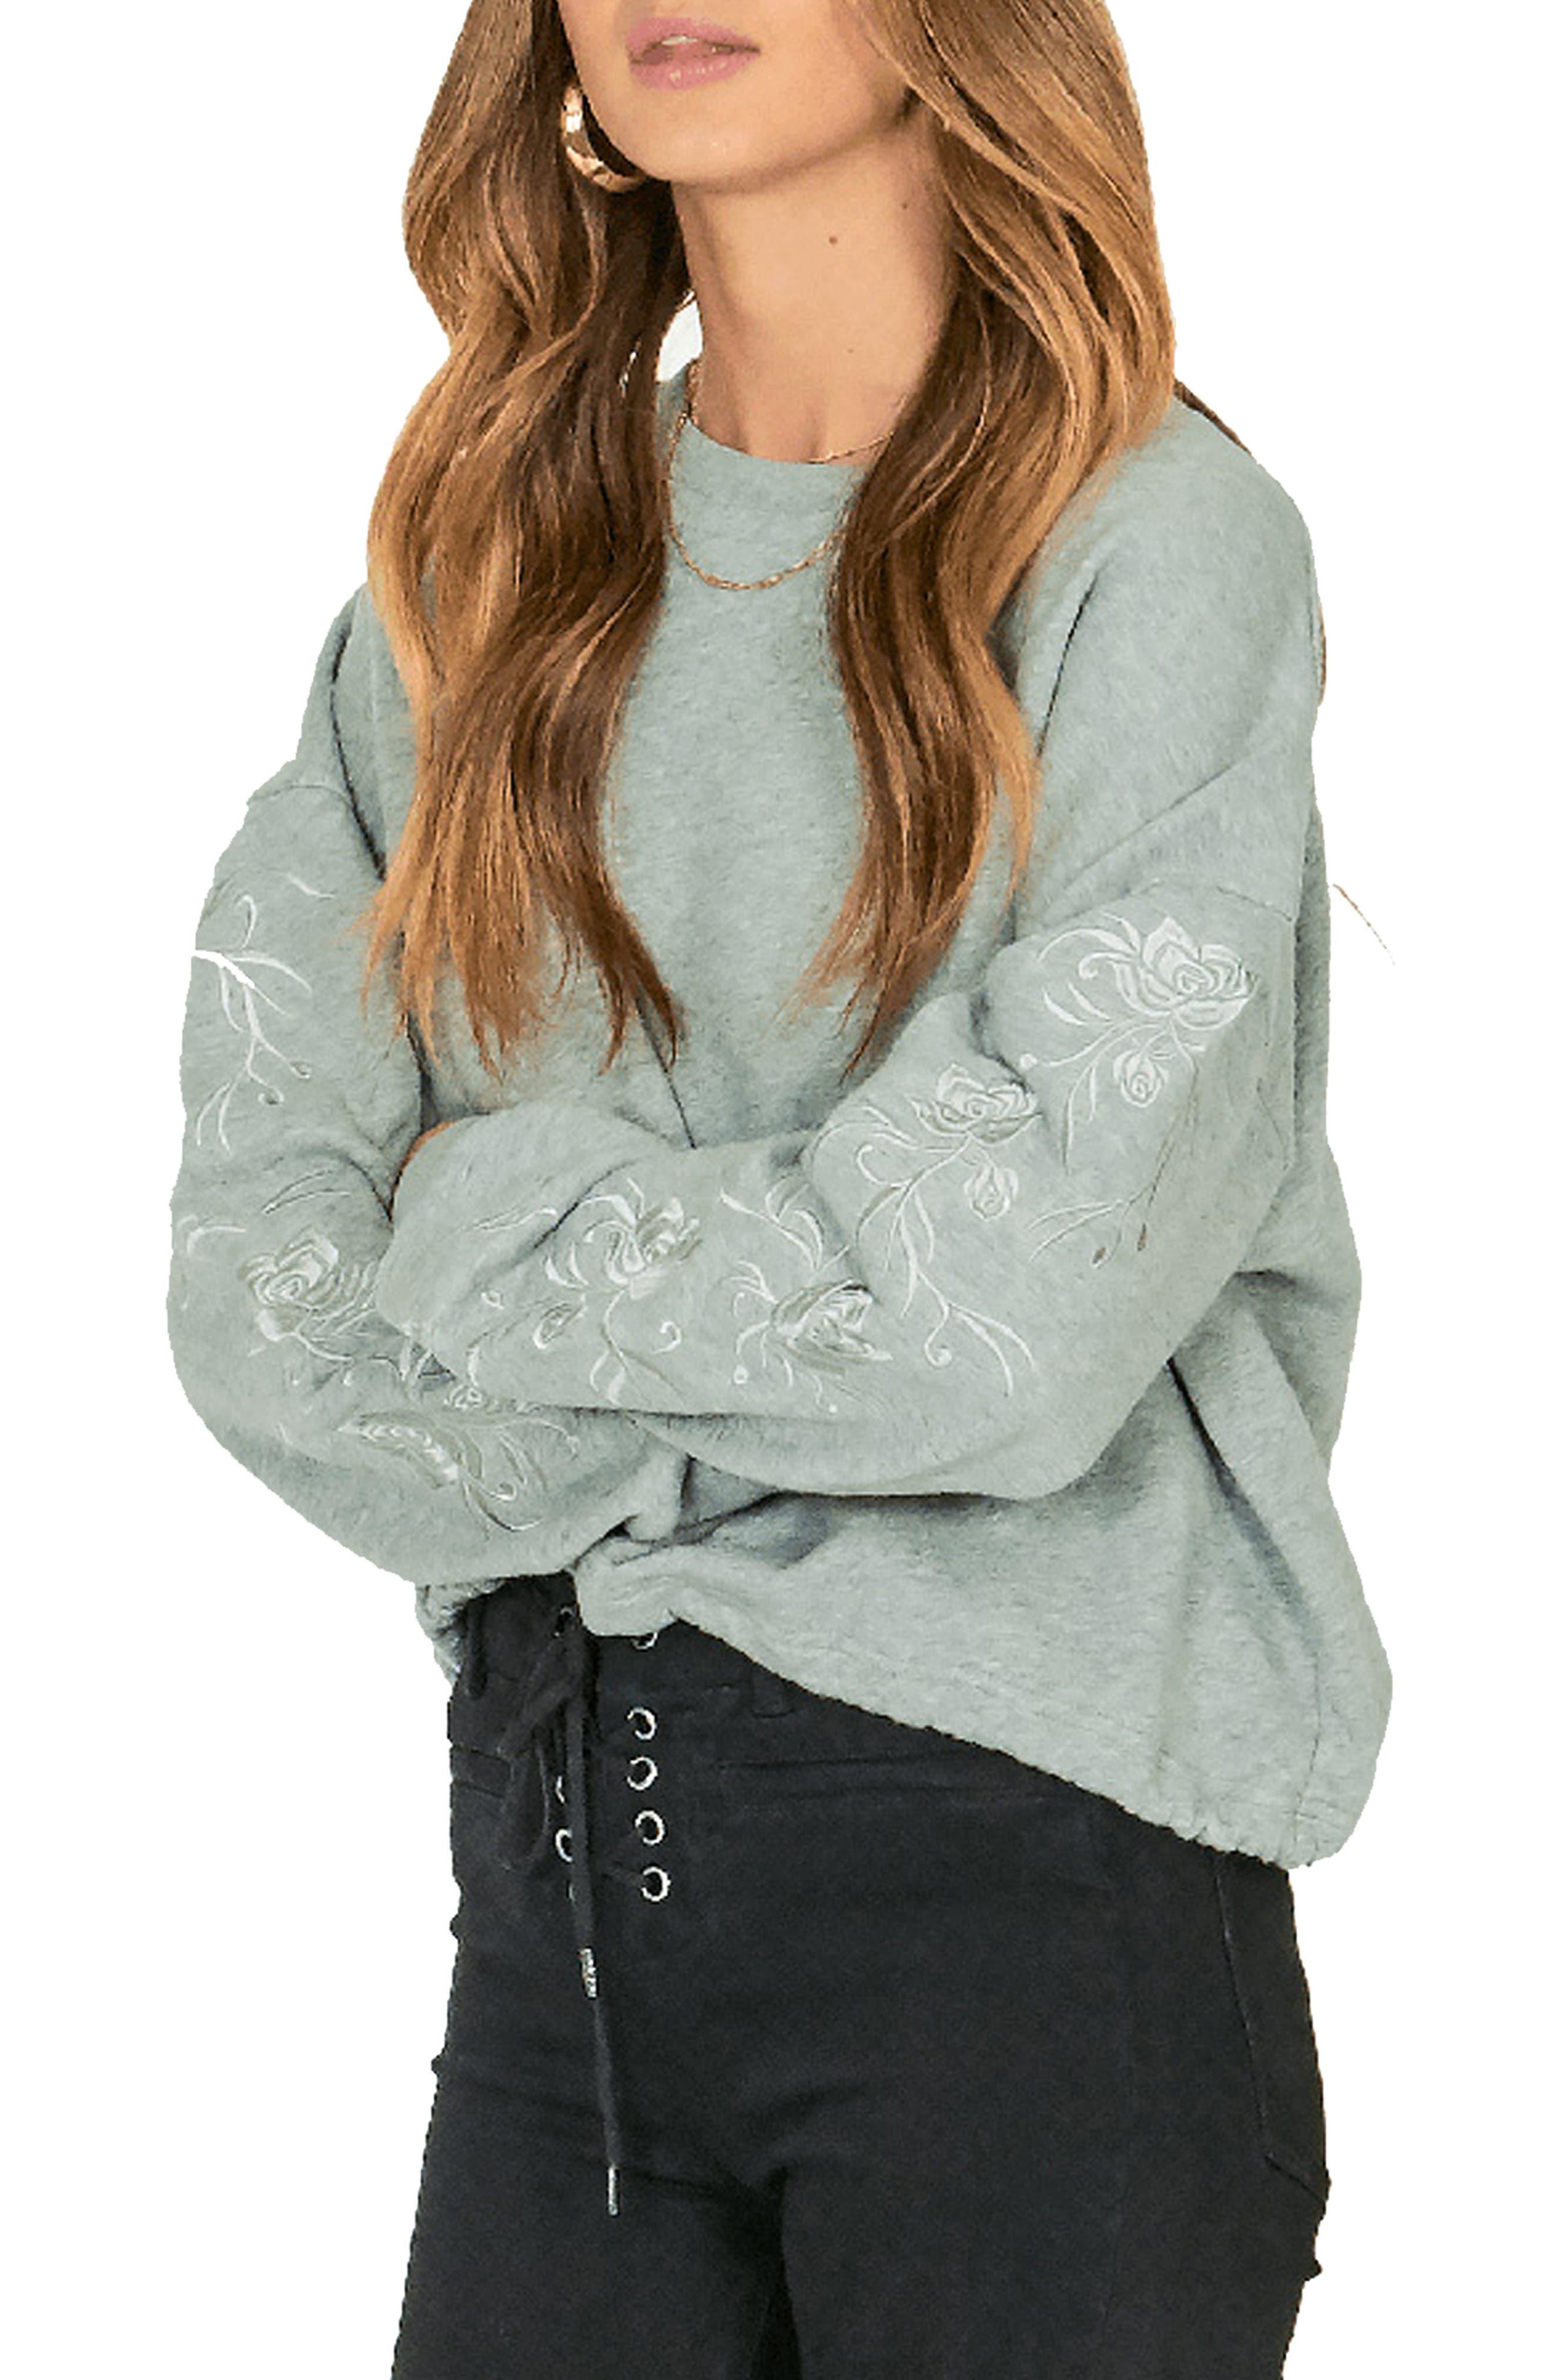 AMUSE SOCIETY El Campo Embroidered Sweatshirt in Grey Heather